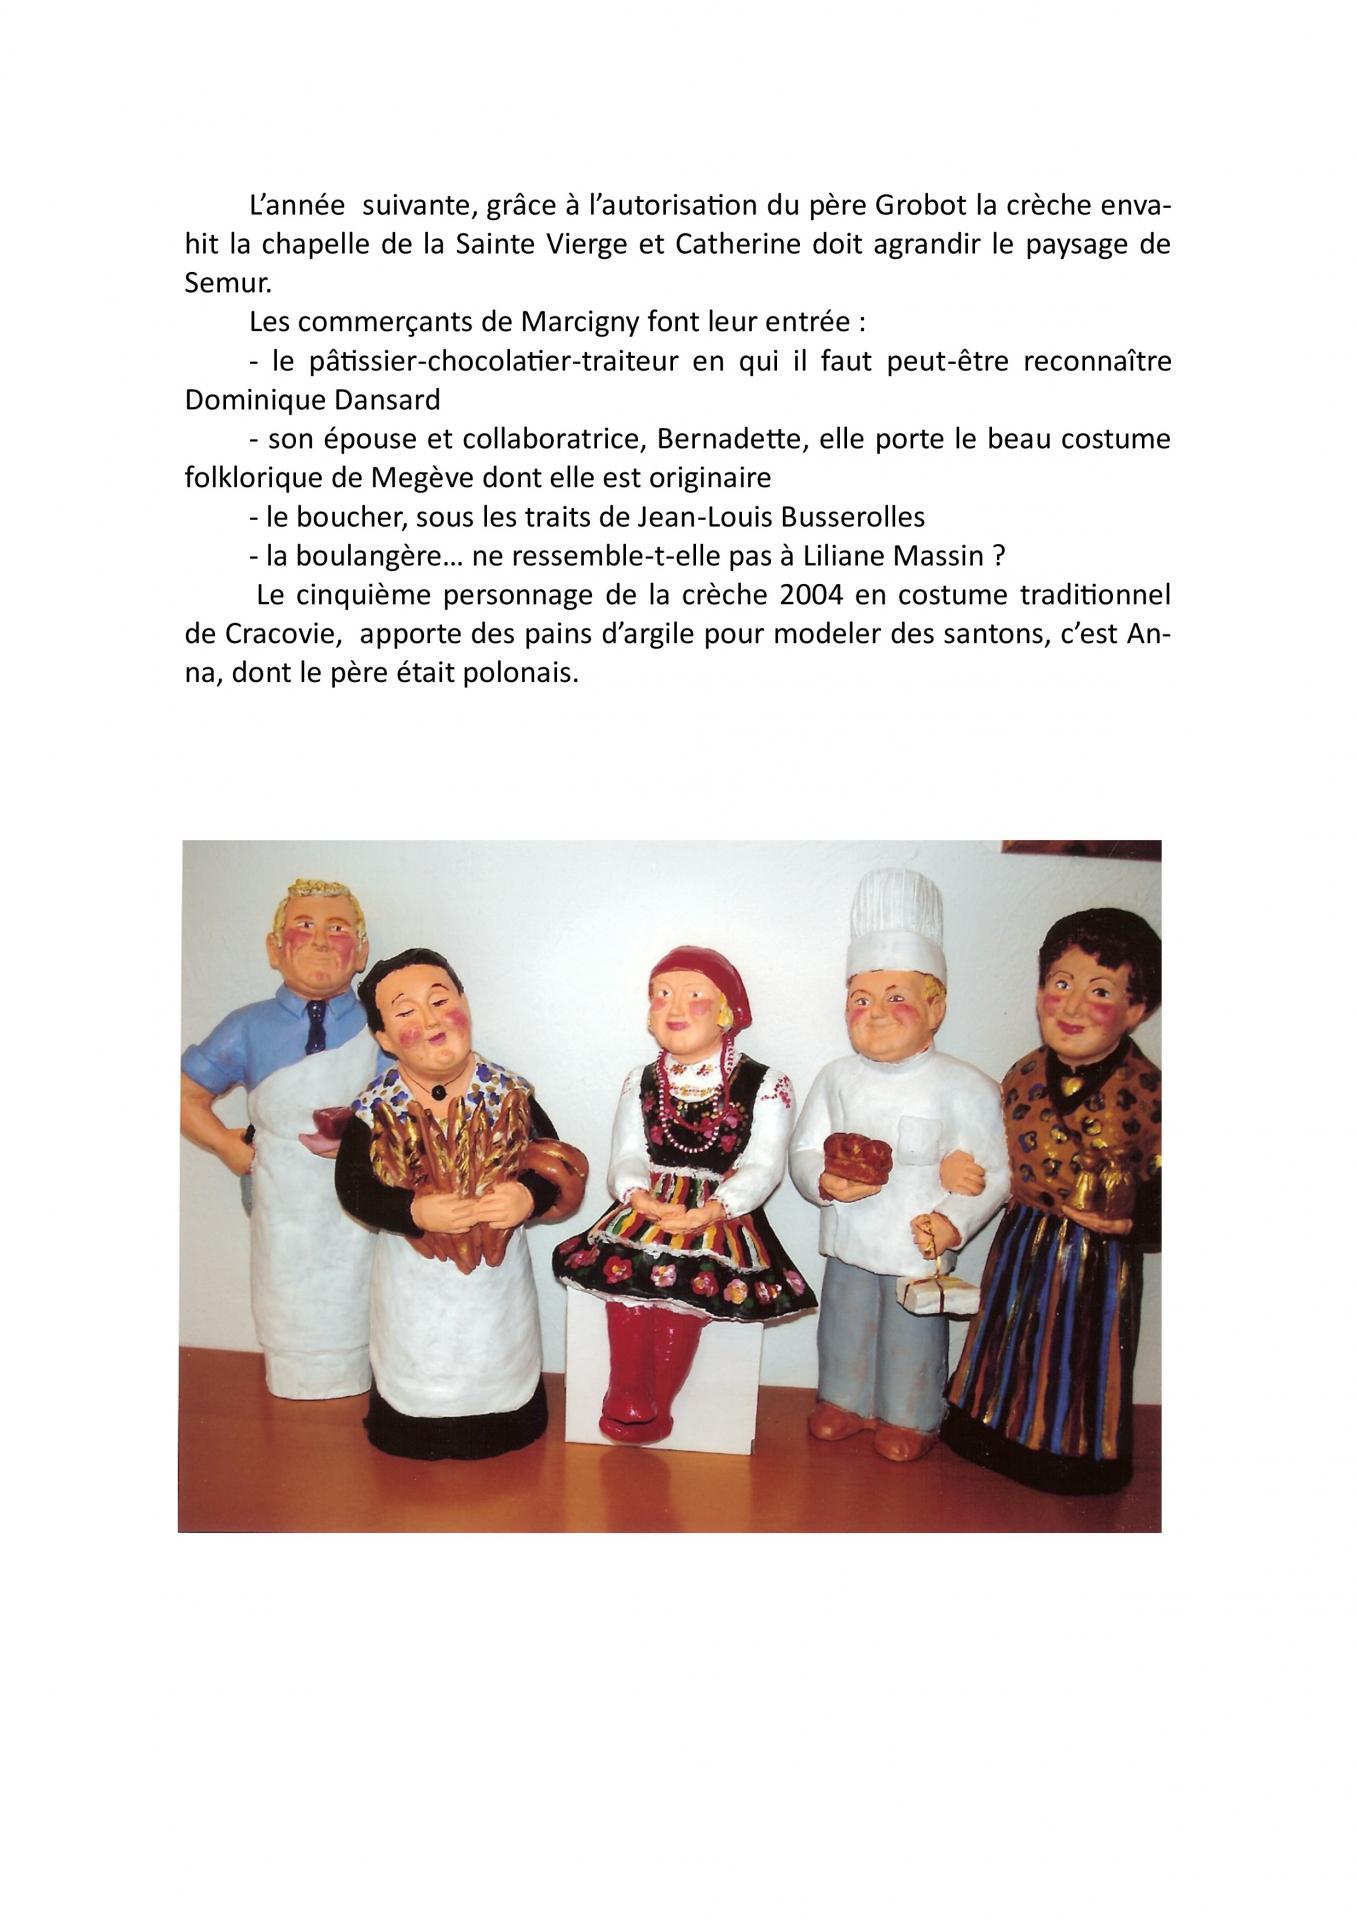 La creche 5 2004 page 0